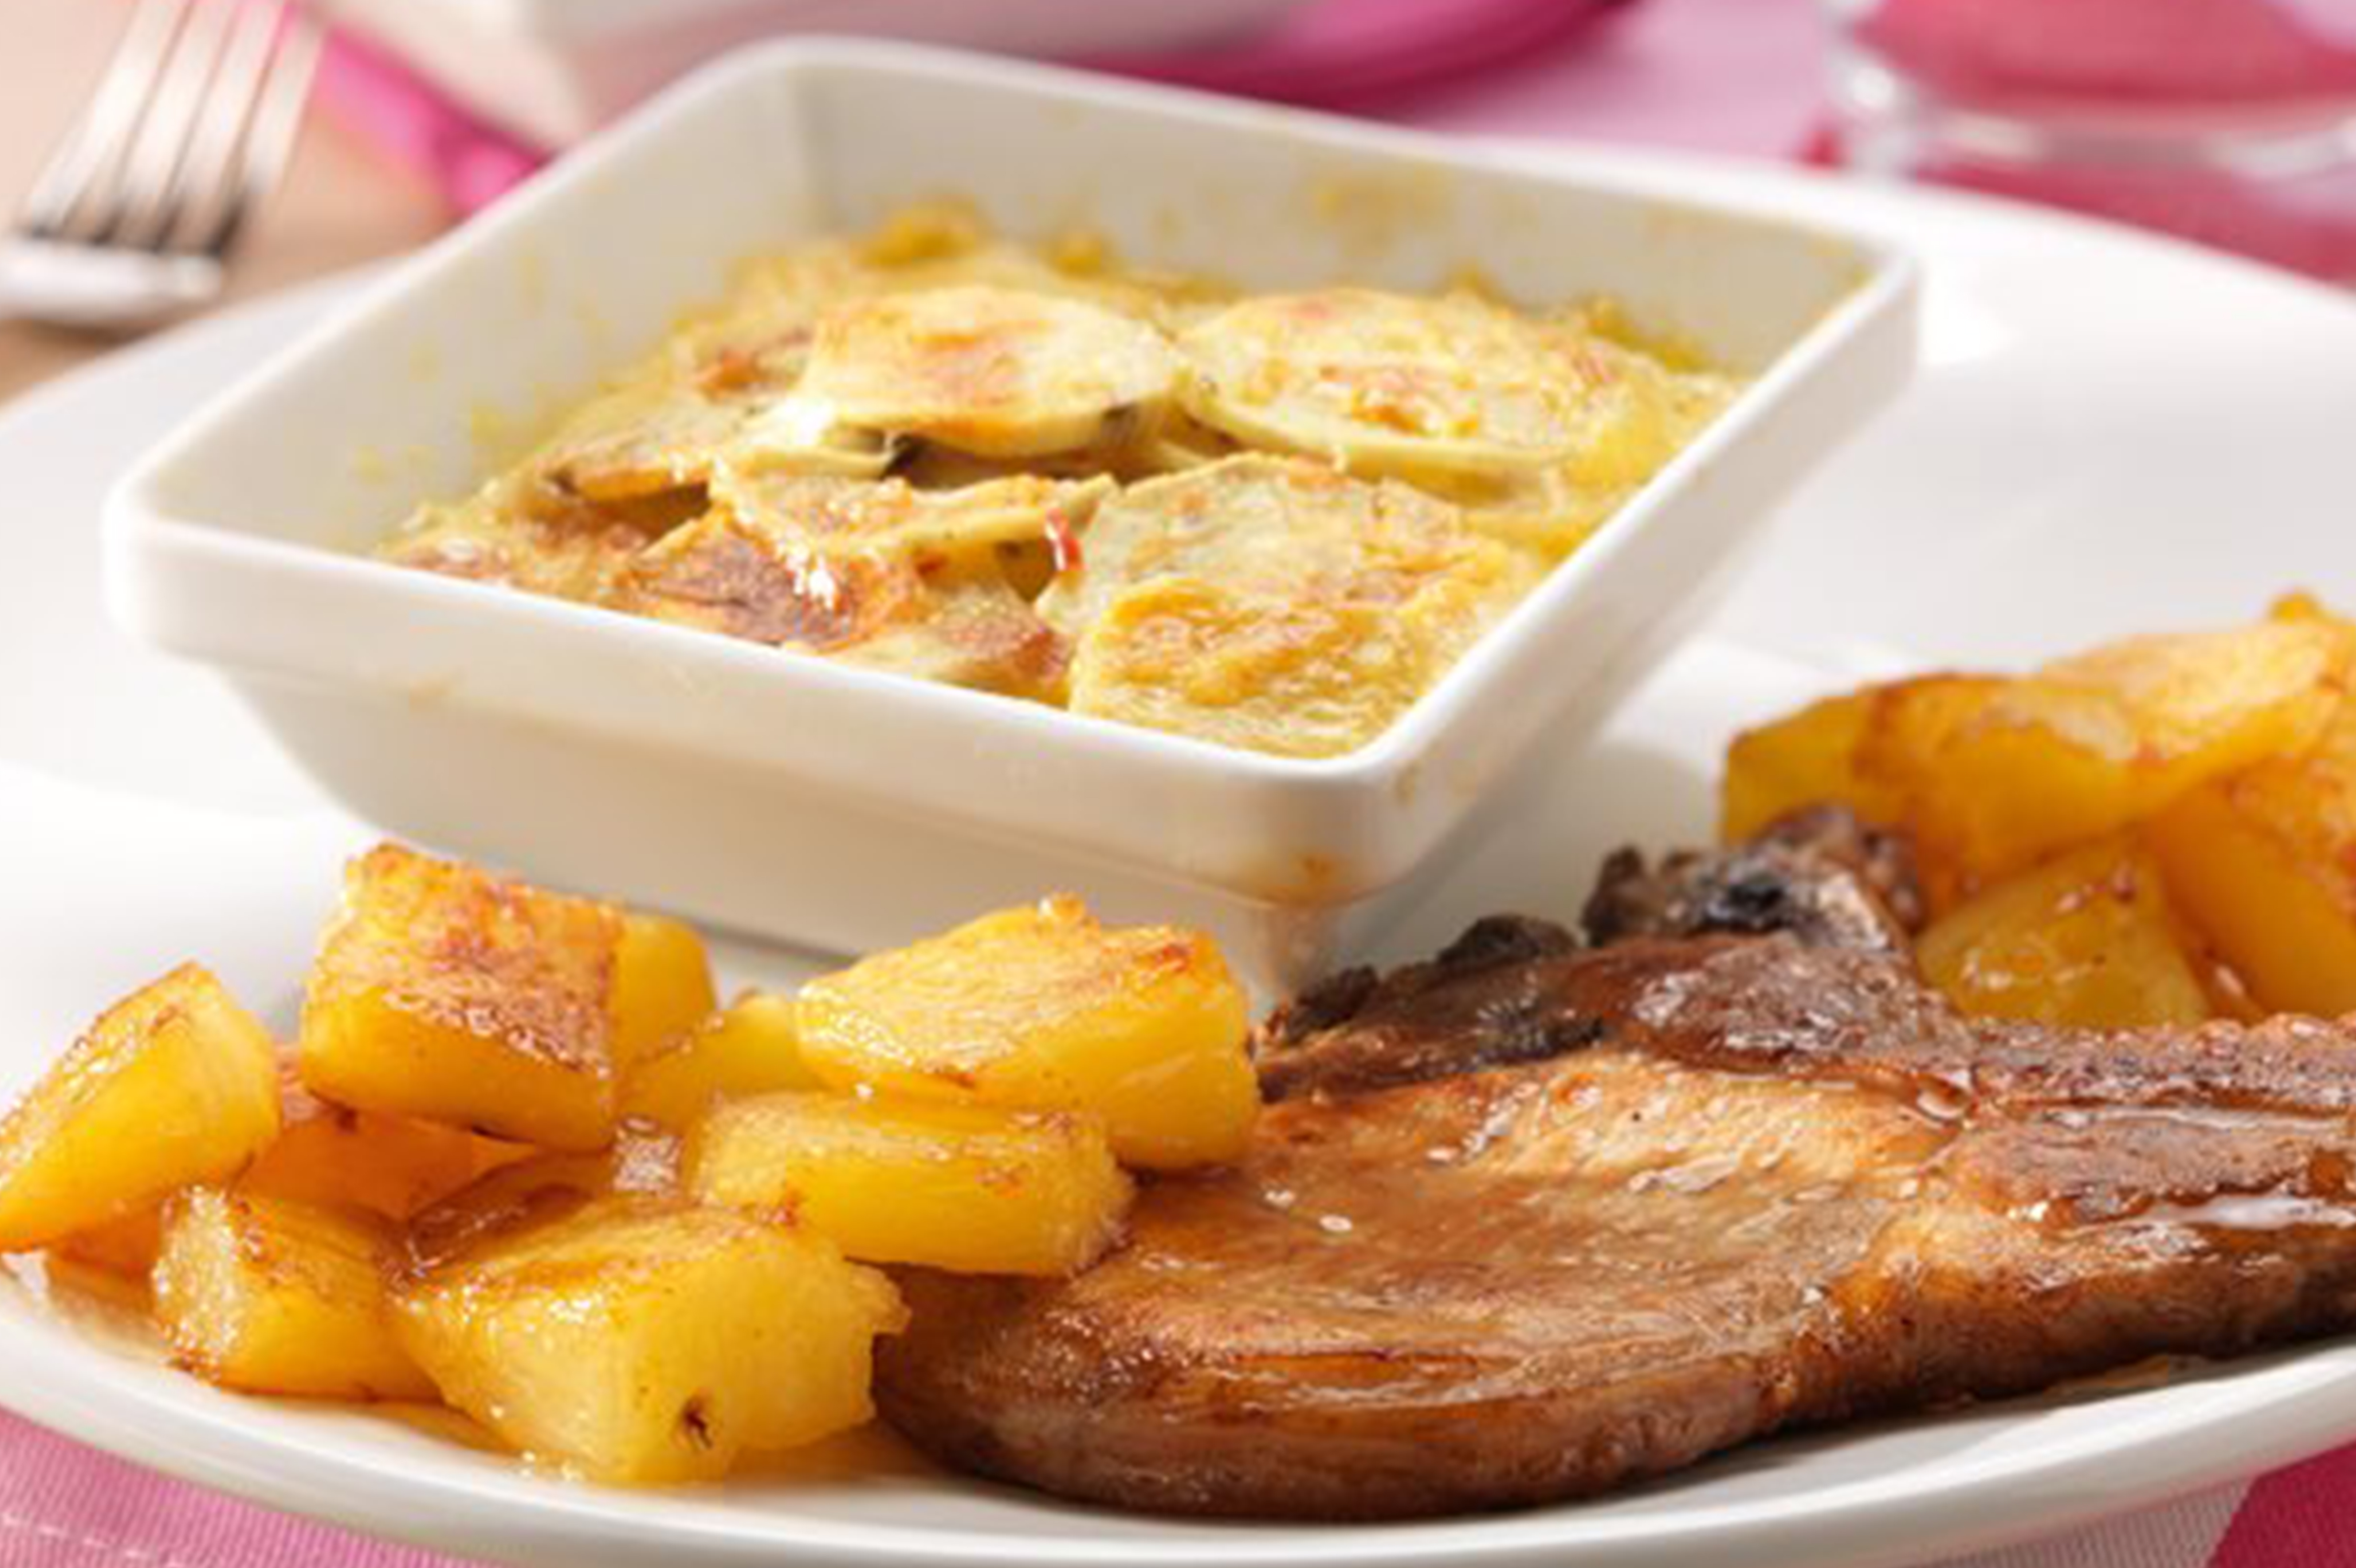 kotelet met aardappelgratin en ananas